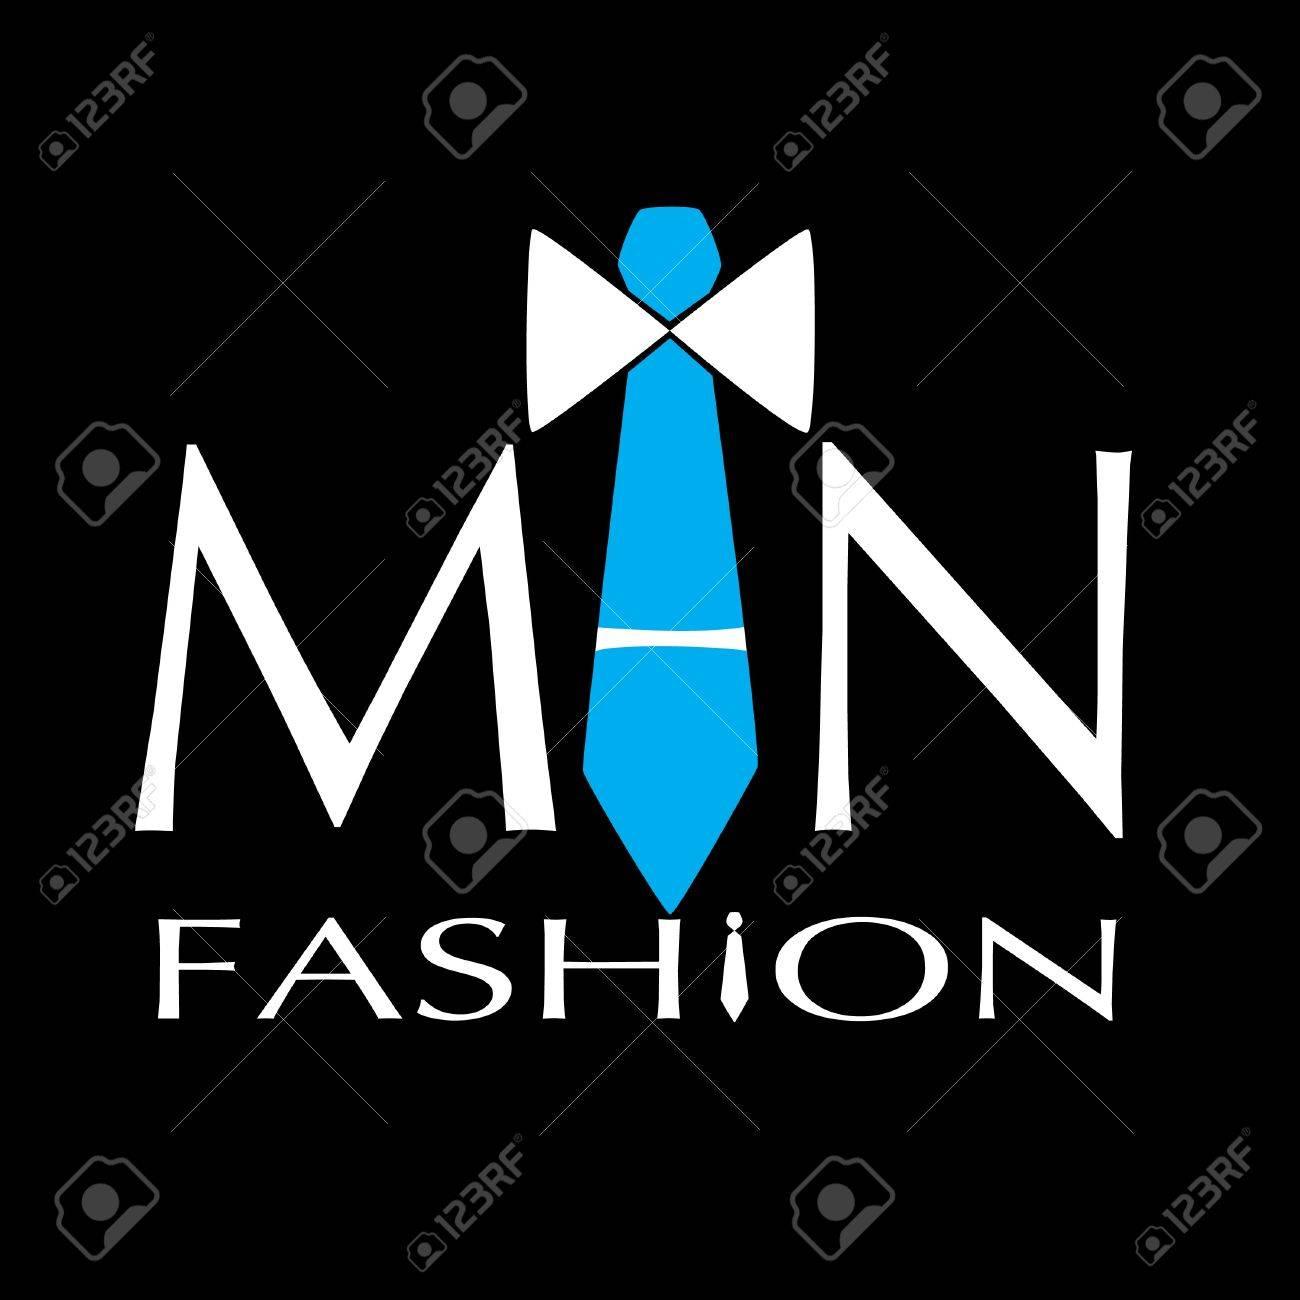 man fashion vector logo - 17513850